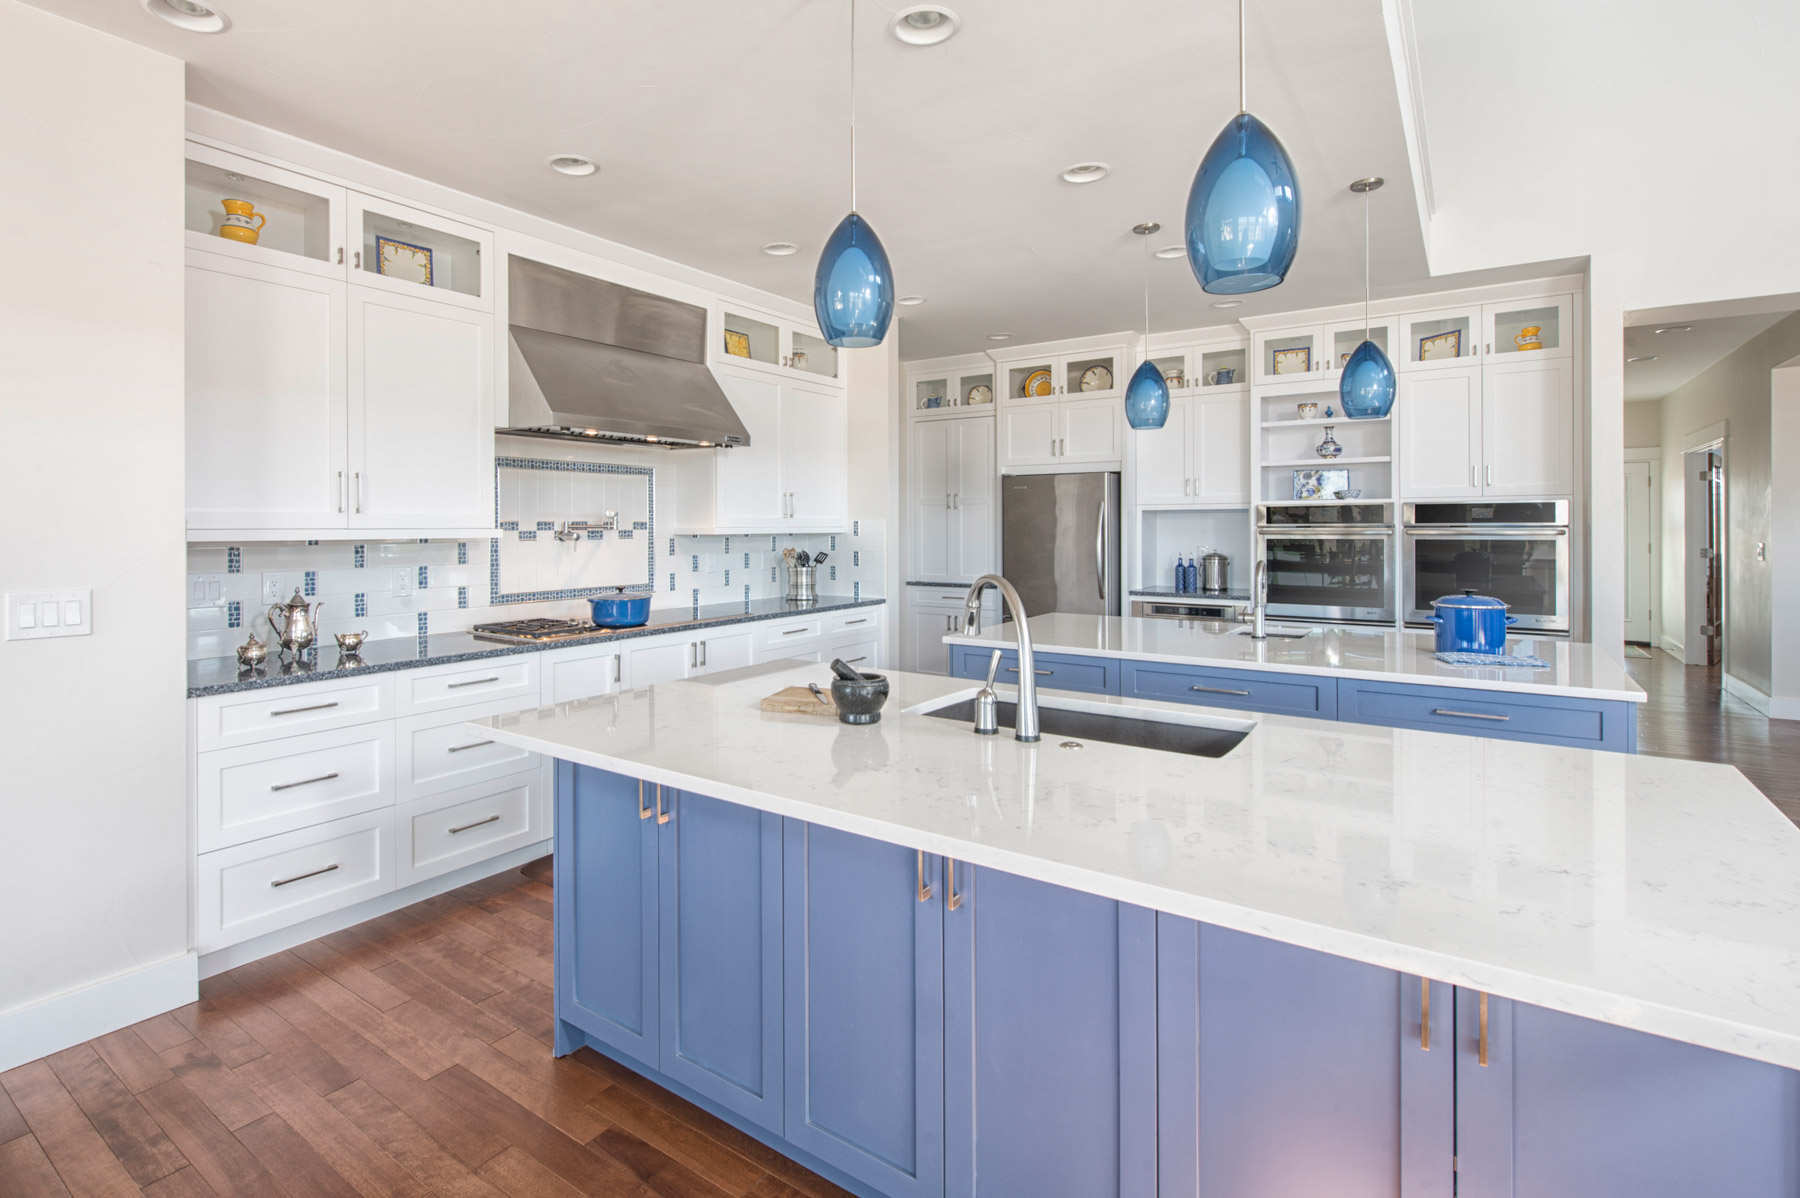 parker-kitchen-designed-by-michelle-ku-at-ku-interior-design-v3-1